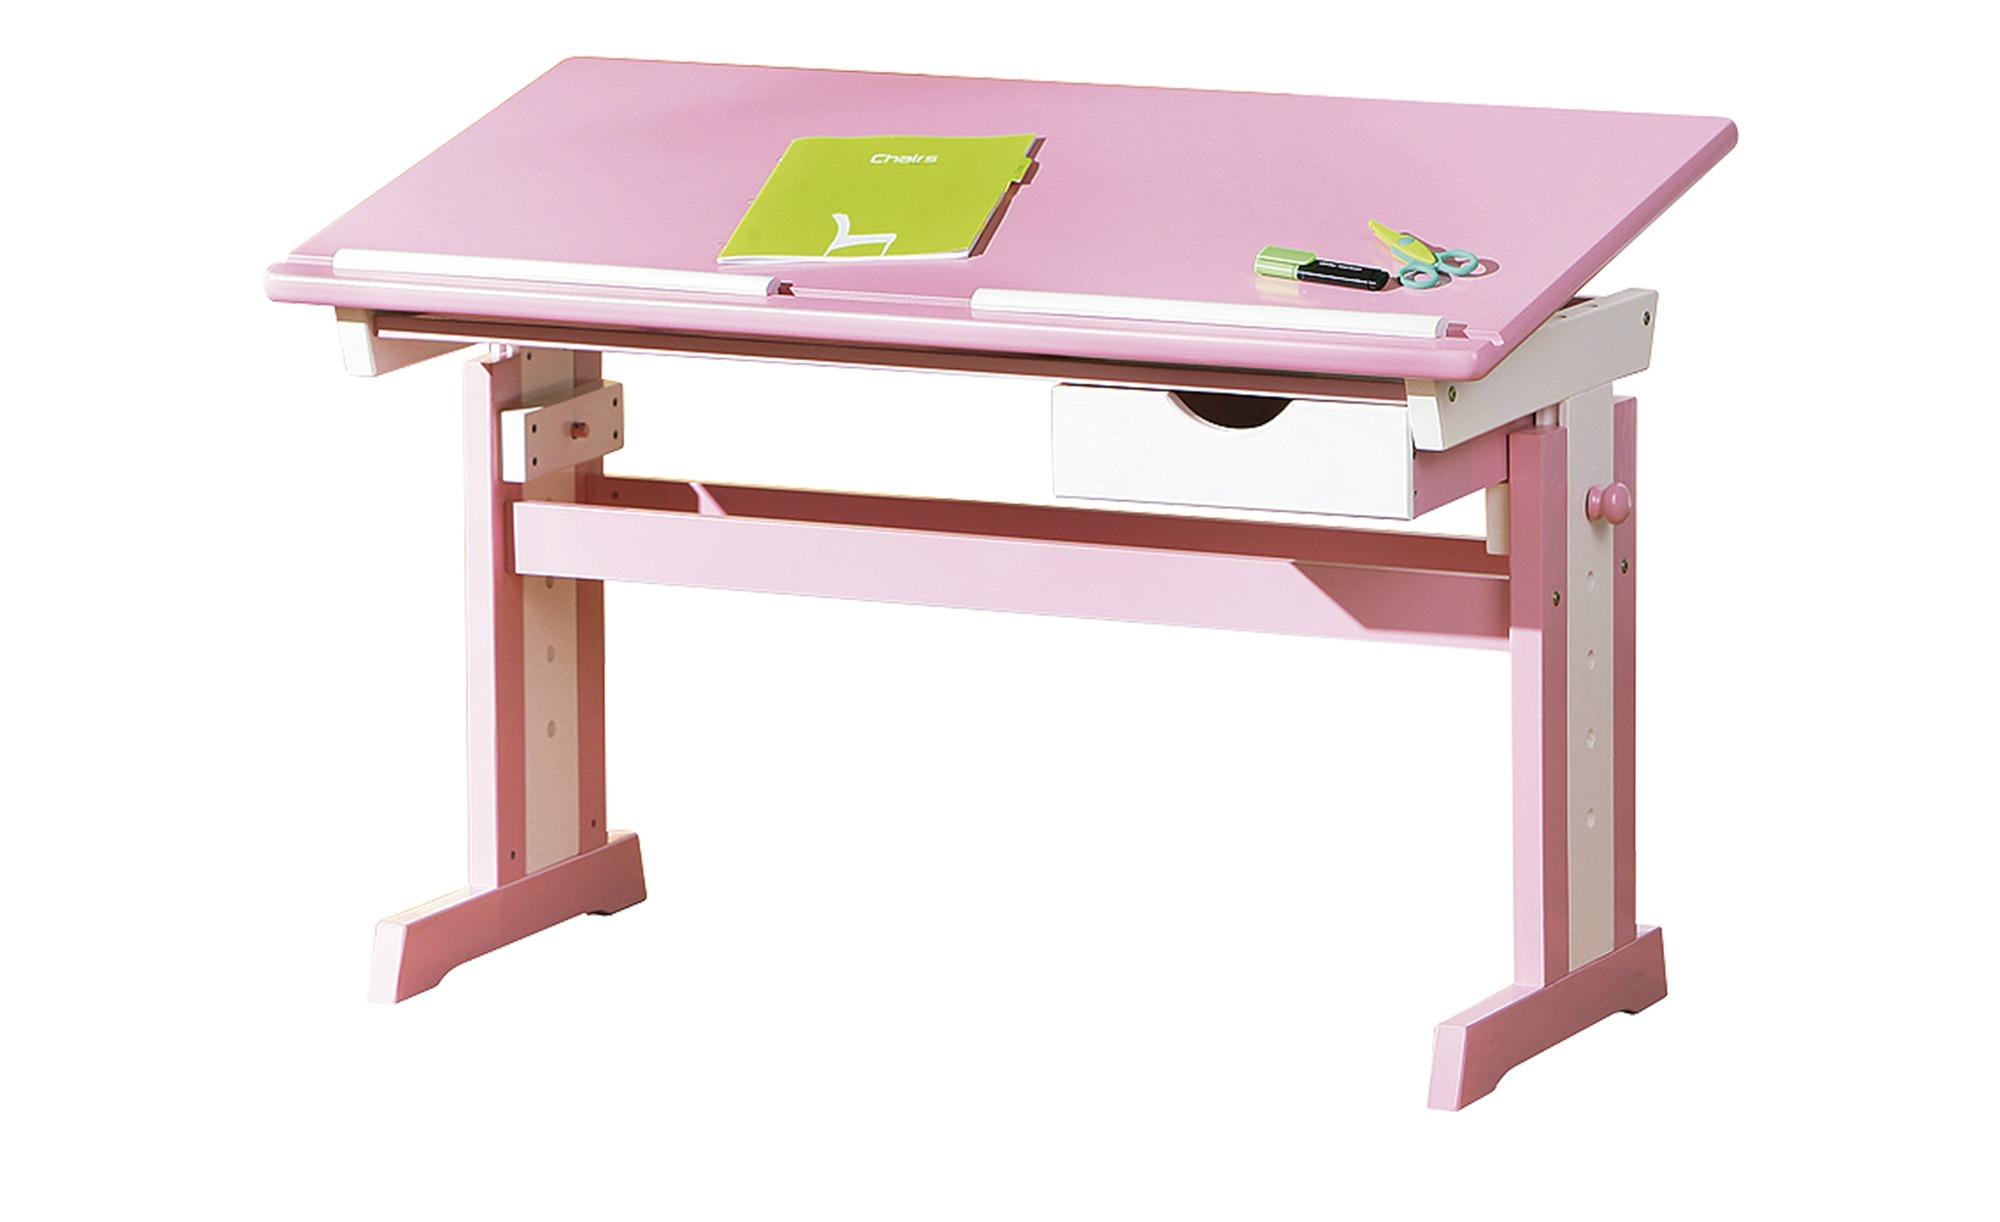 Schreibtisch  Isle ¦ rosa/pink ¦ Maße (cm): B: 109 H: 63 T: 55 Kindermöbel > Kinderschreibtische - Höffner